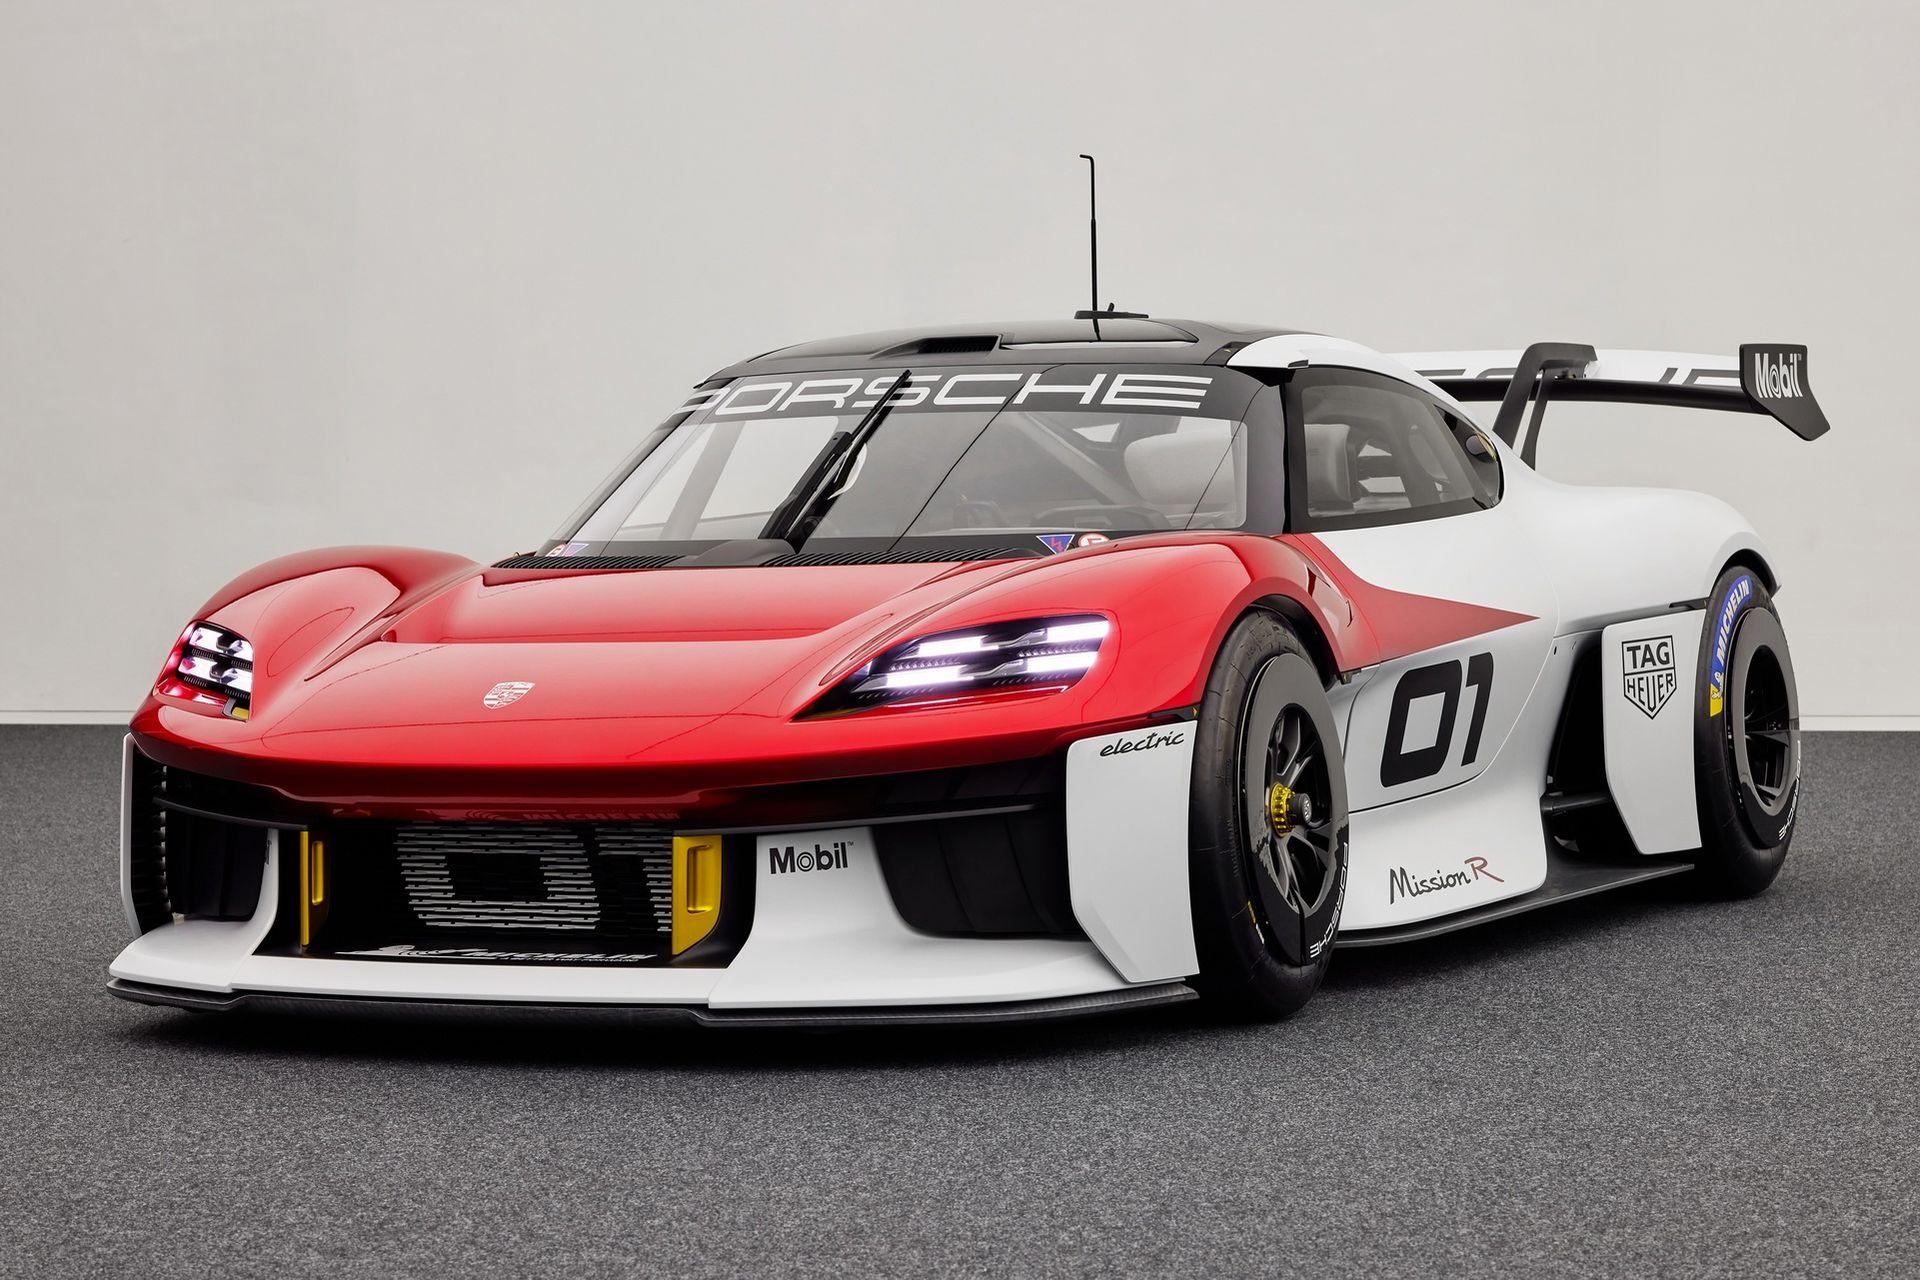 Porsche överraskar med Mission R